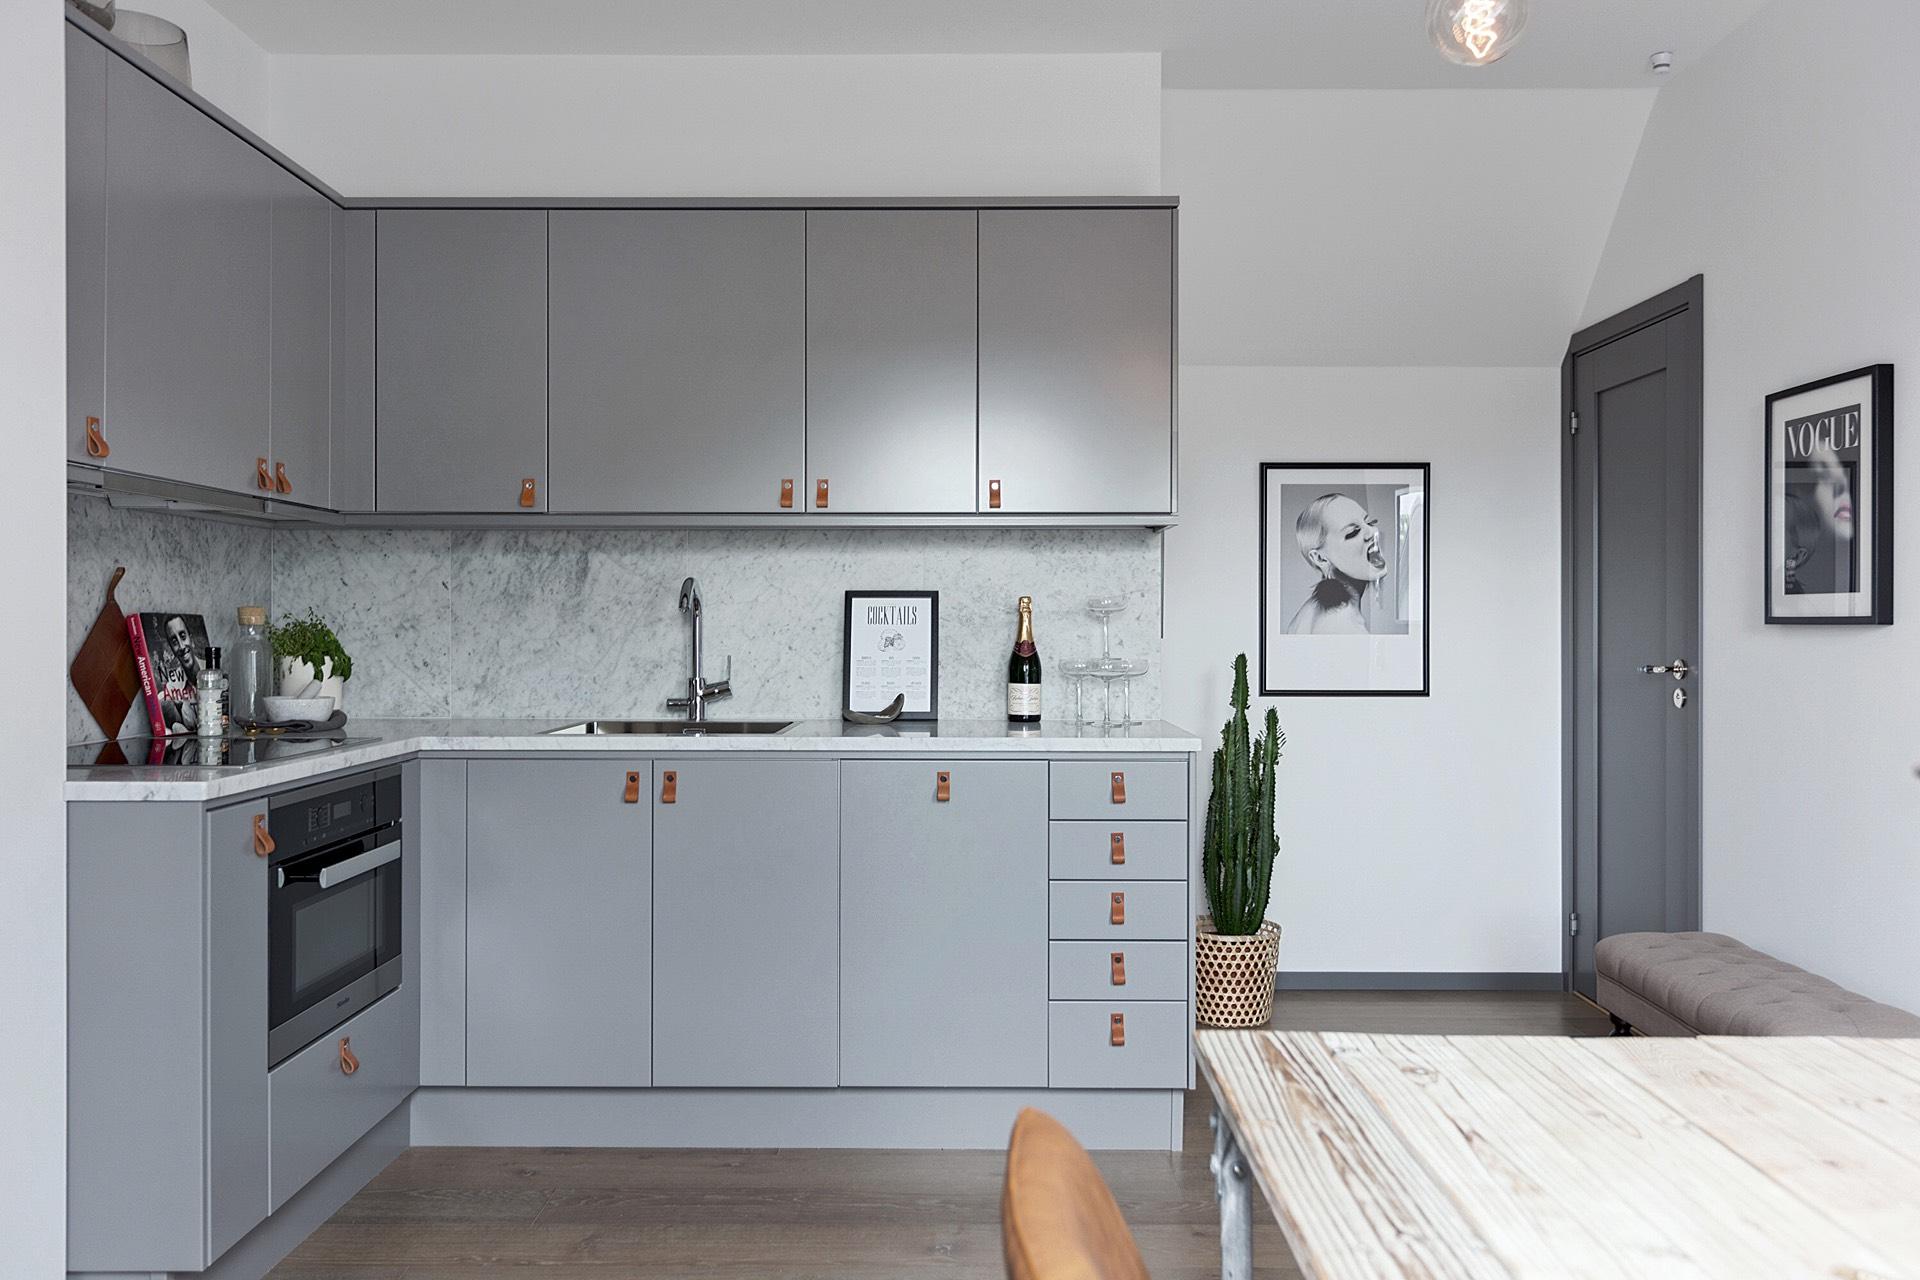 квартира студия кухня прихожая входная дверь кухонная мебель серые фасады кожаные мебельные ручки столешница мрамор